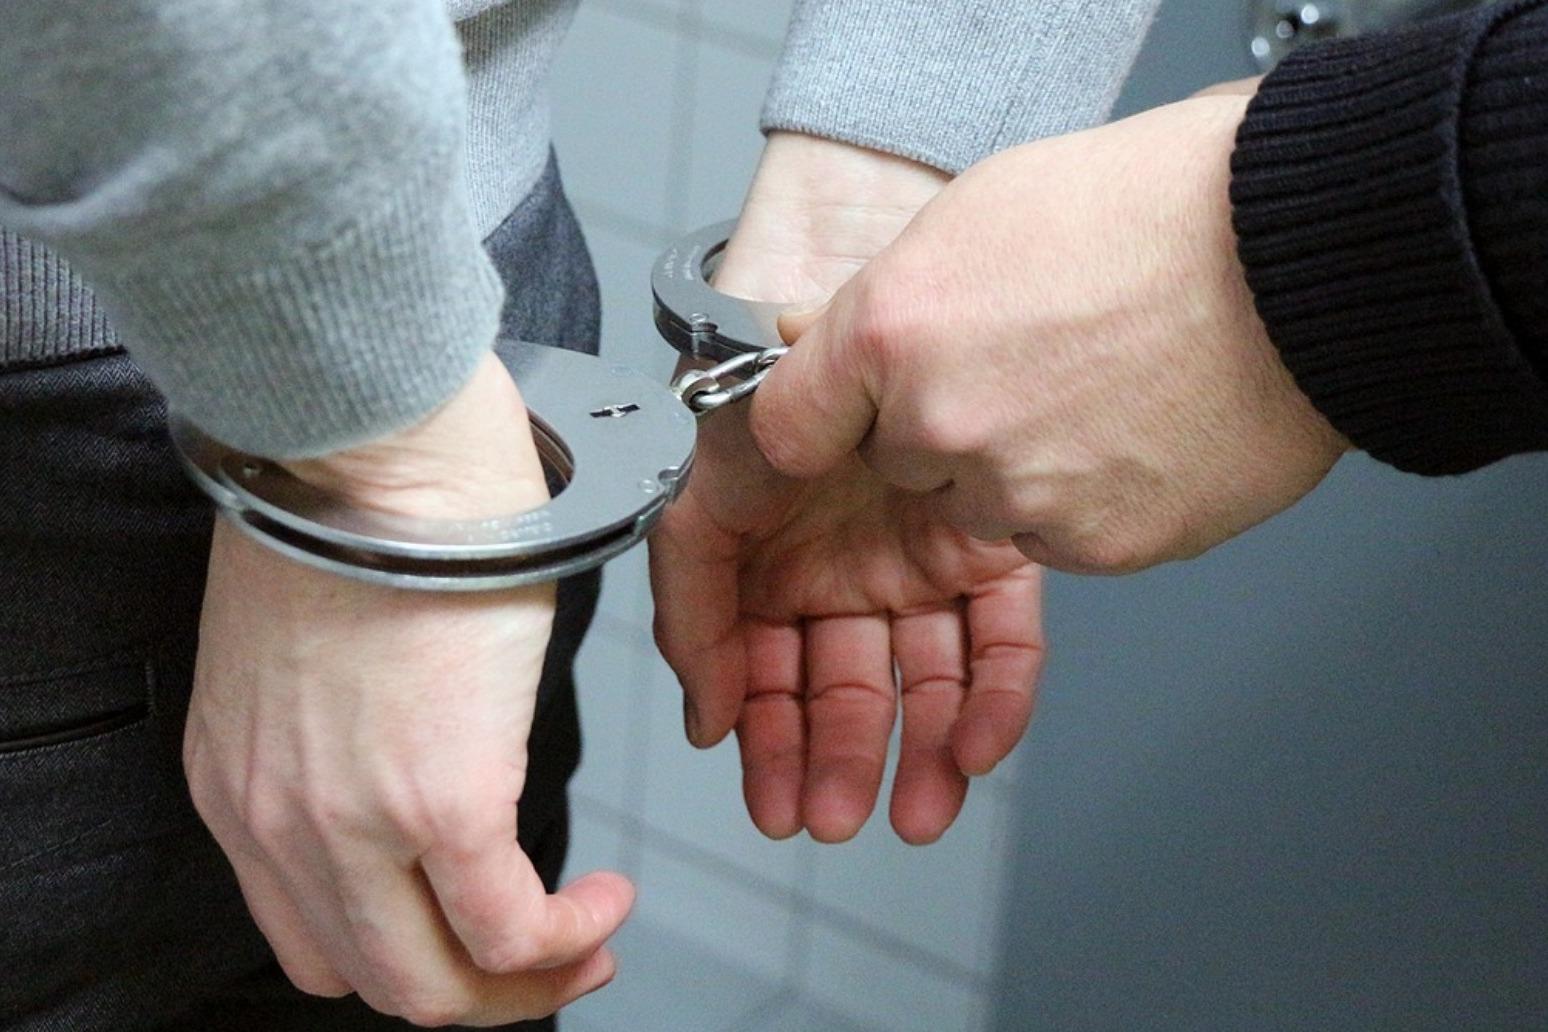 Fresh arrest made in connection with Hatton Garden raid